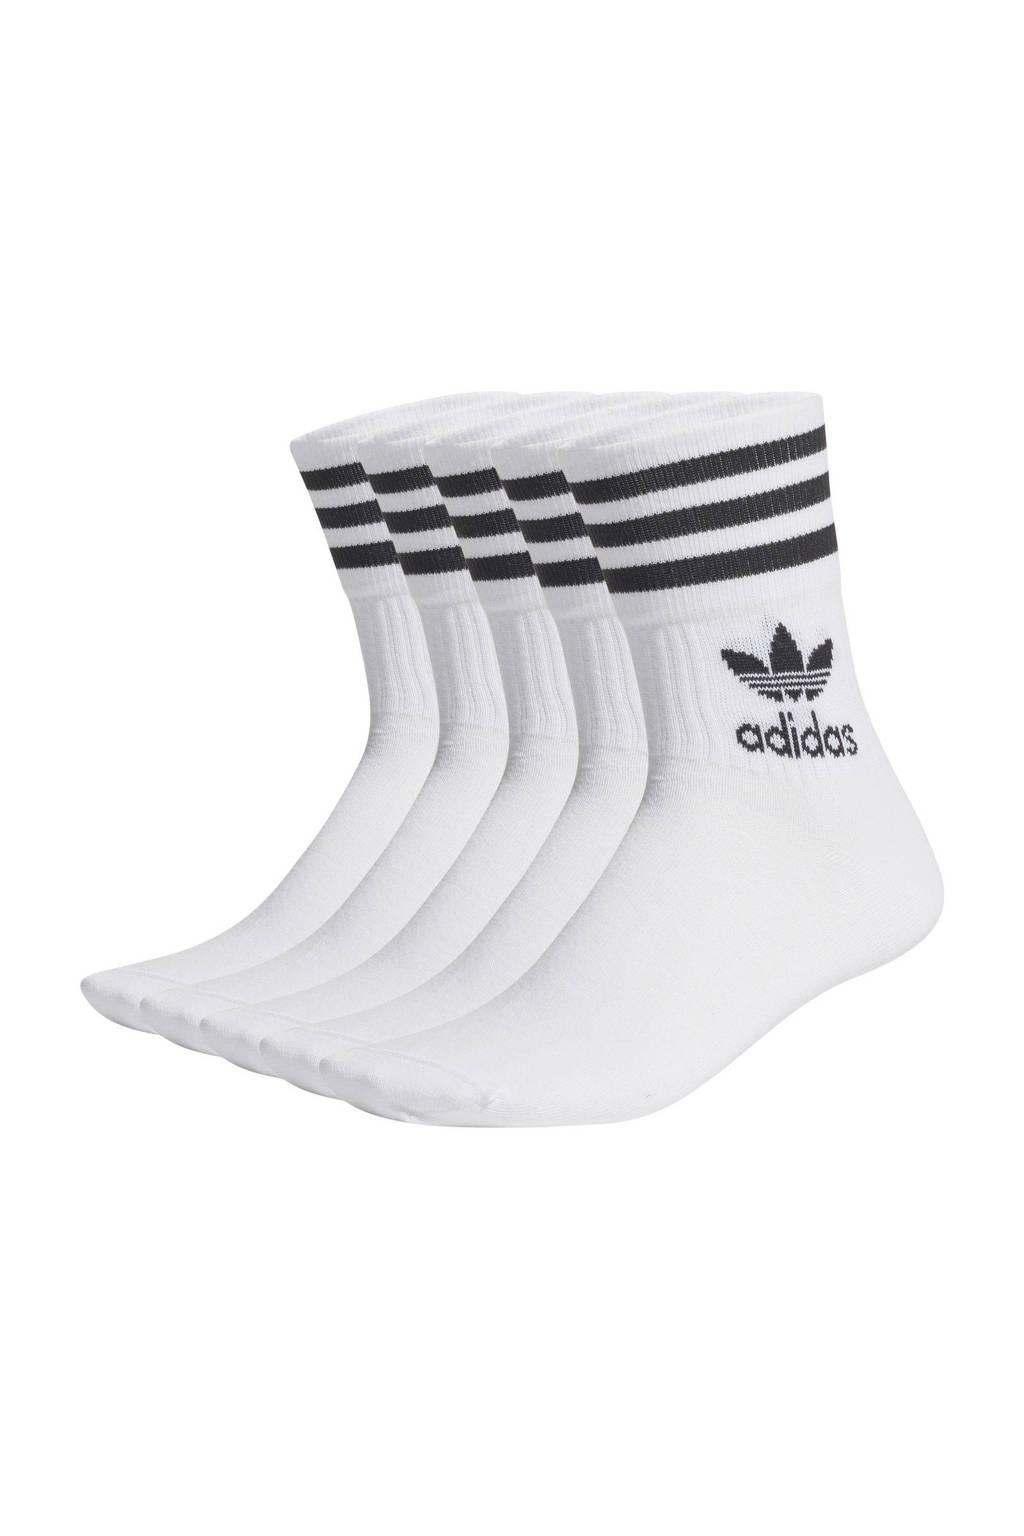 adidas Originals Adicolor sokken - set van 5 wit, Wit